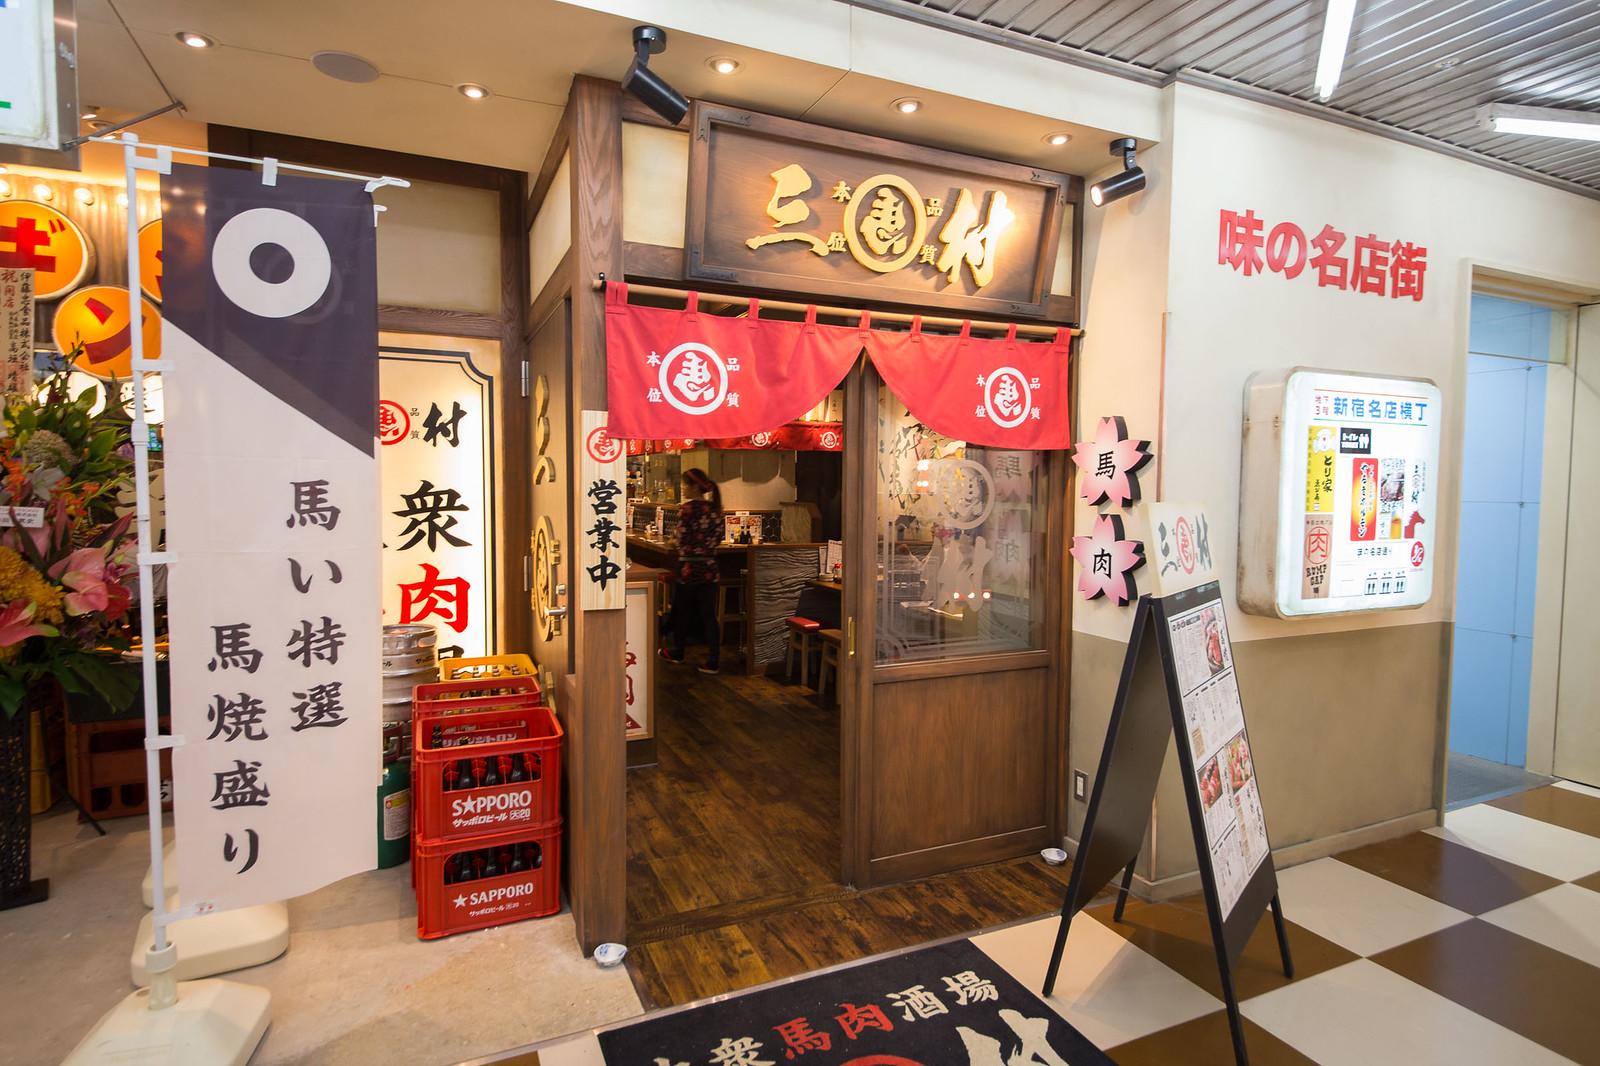 Shinjuku_meiten_yokocho-6